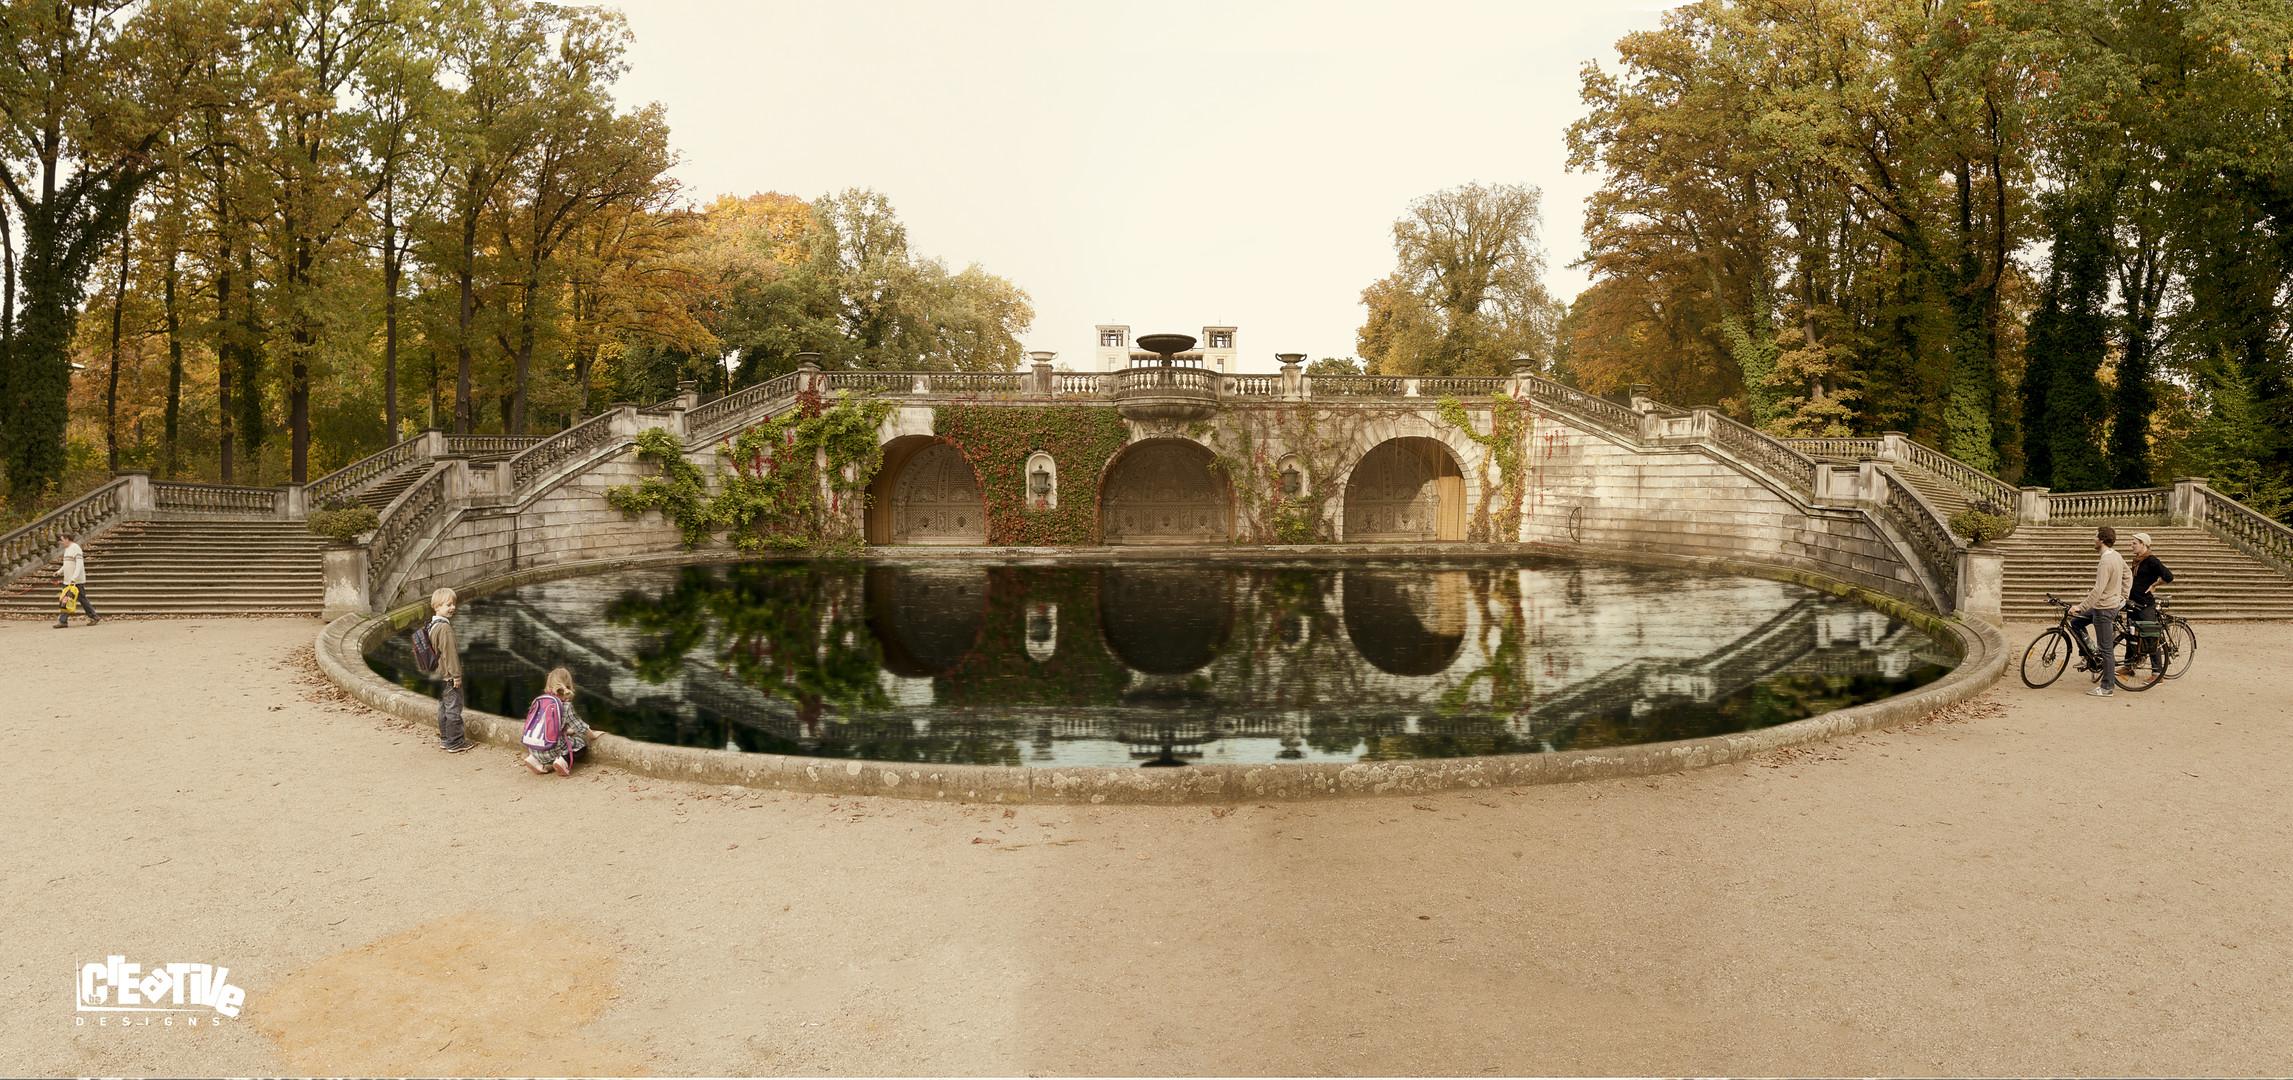 Schloßpark Sans Soucis